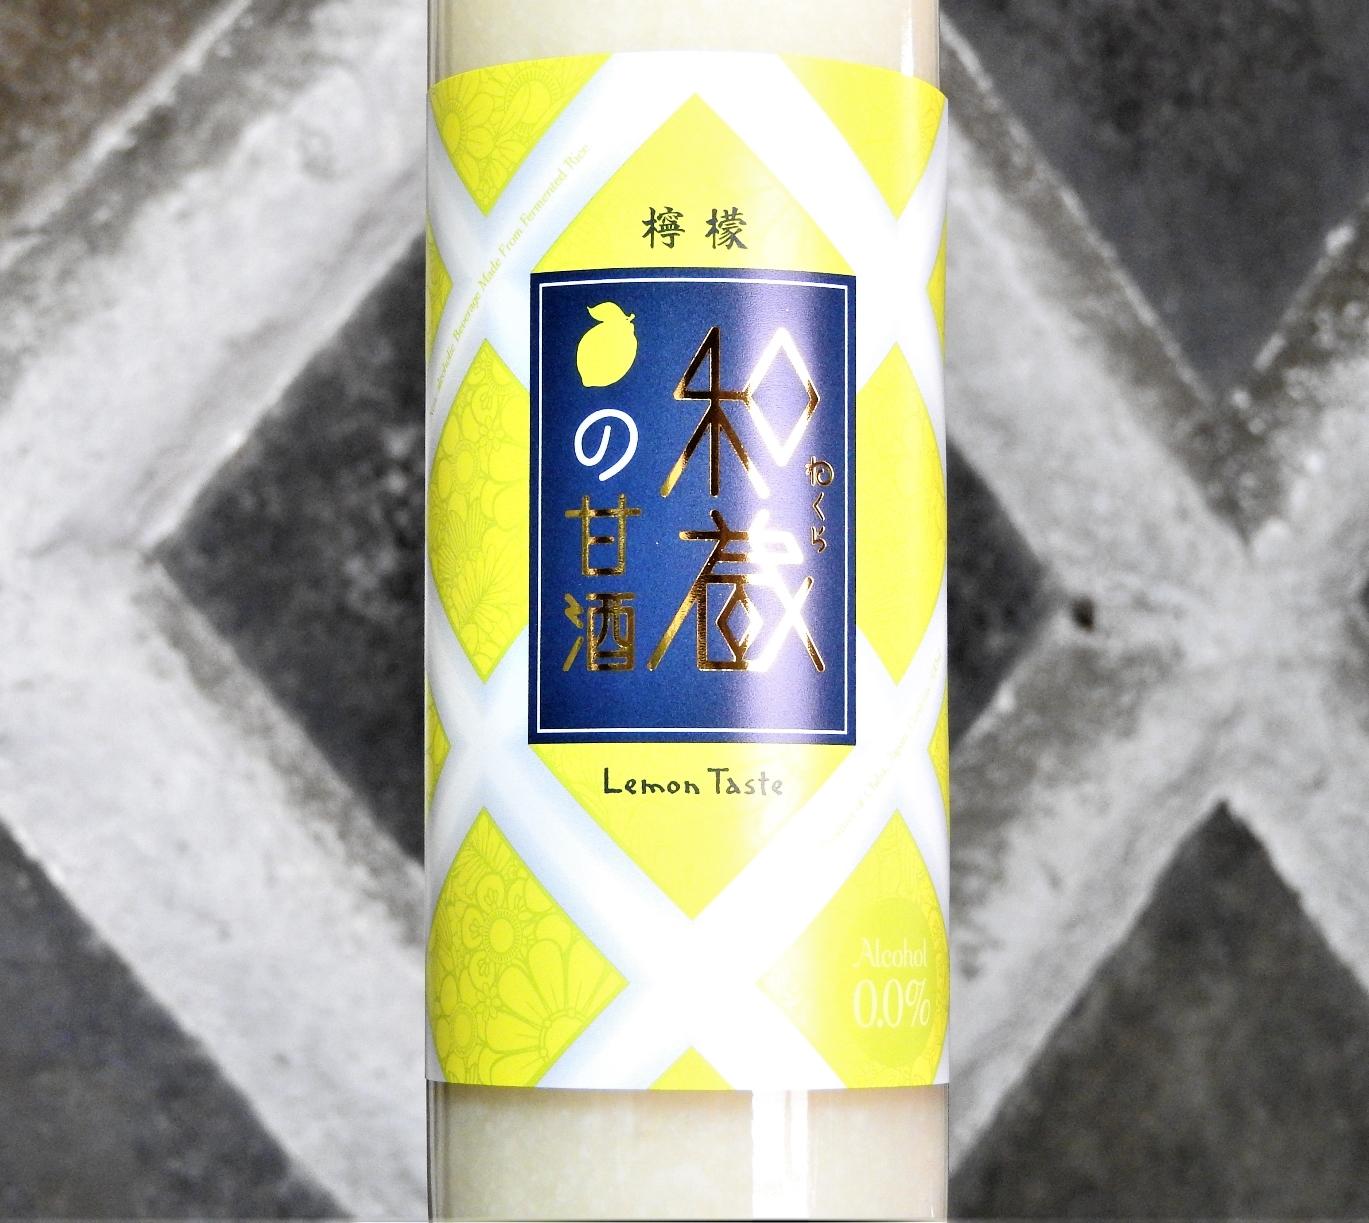 和蔵の甘酒檸檬